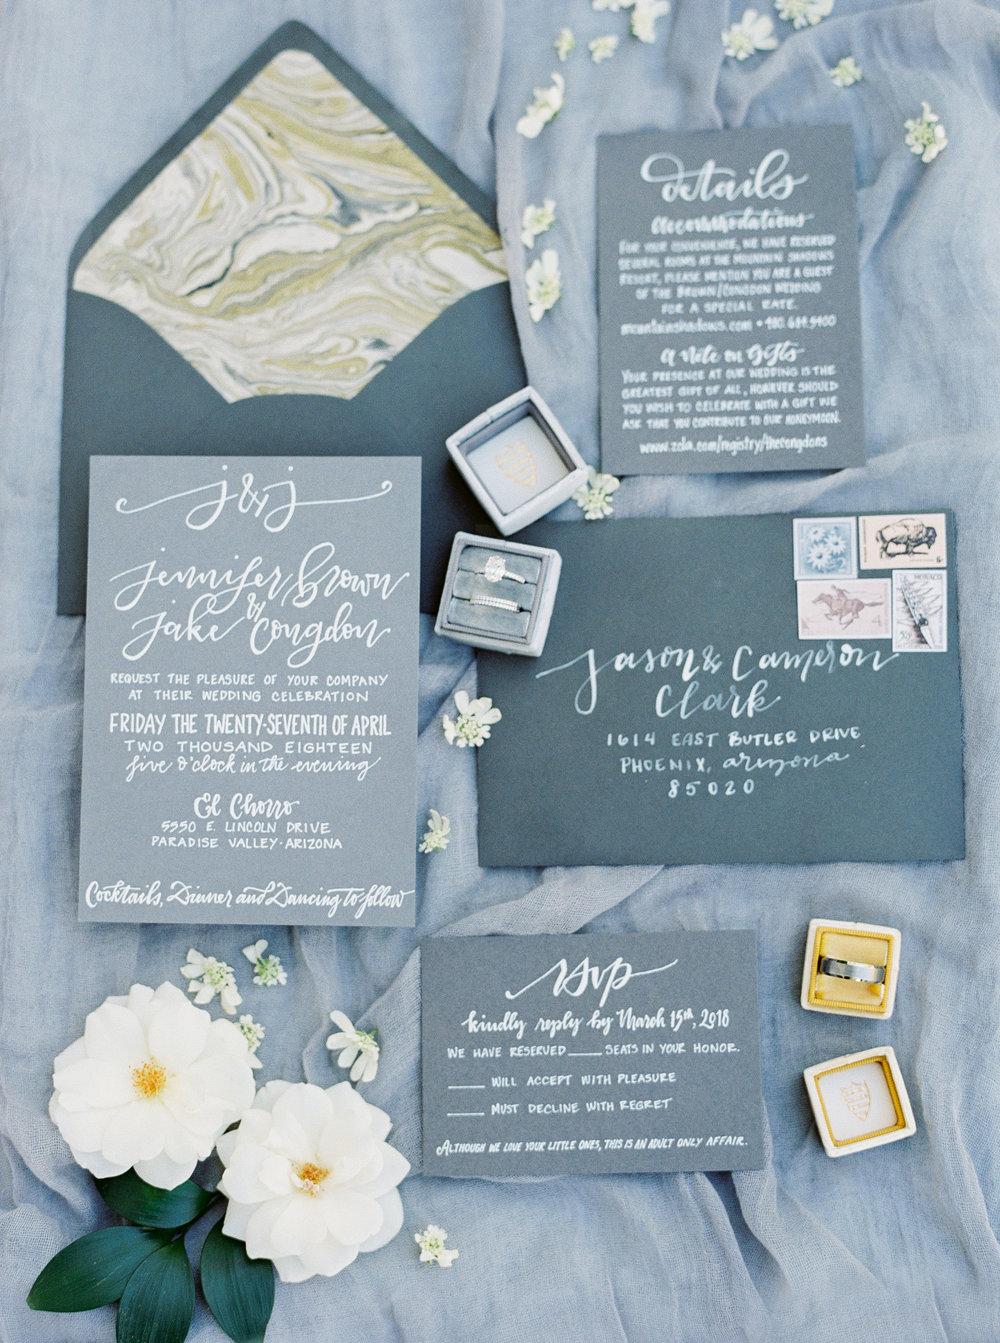 El_Chorro_Destination_Wedding_Planner_3.JPG